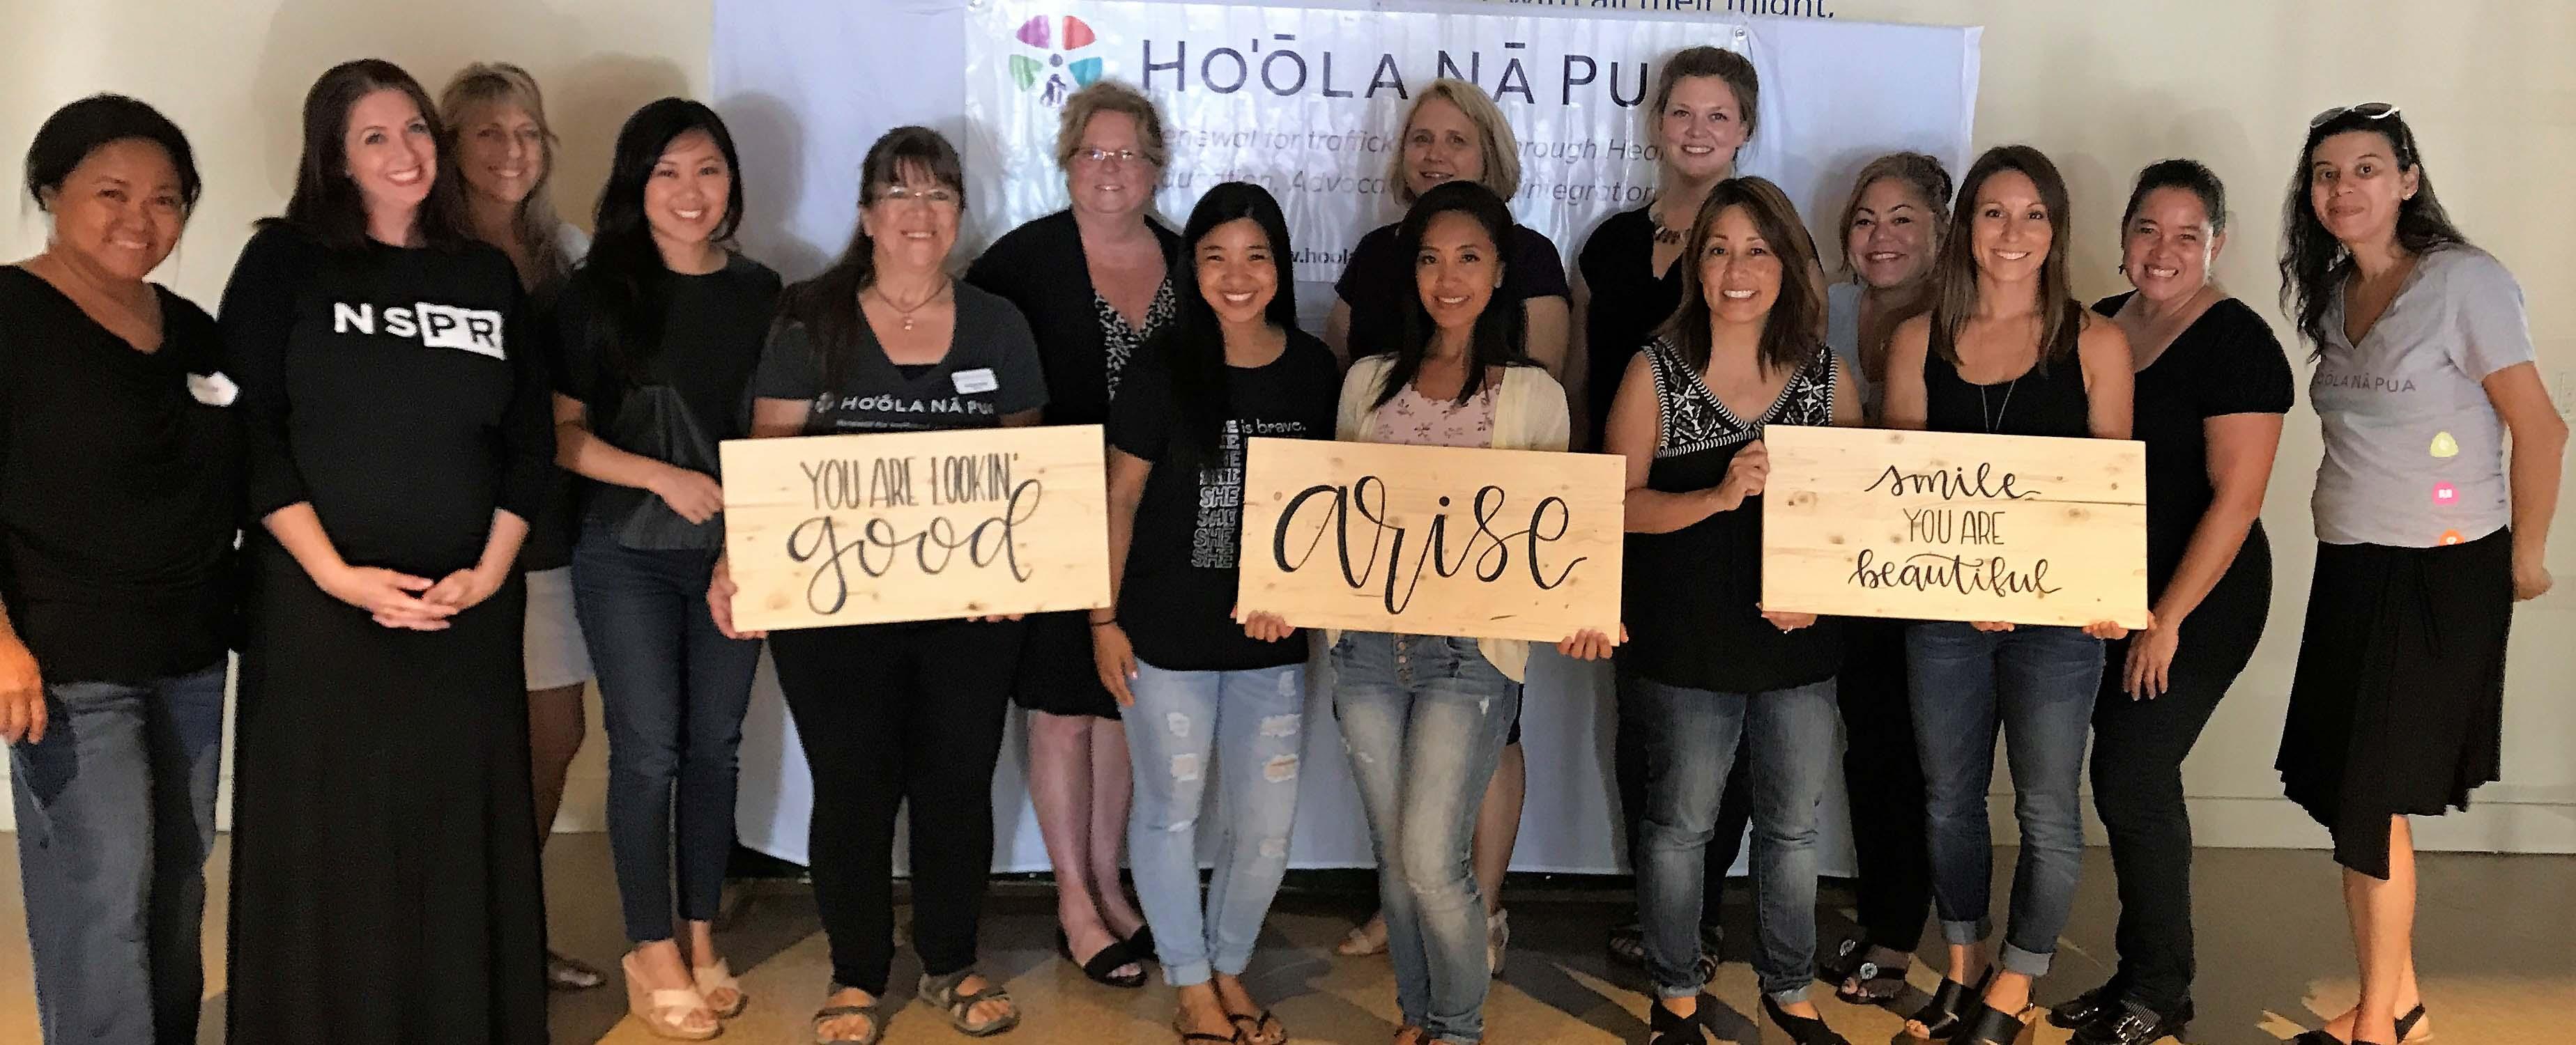 Event - Volunteer Orientation And Advocate Training - Hoʻōla Nā Pua